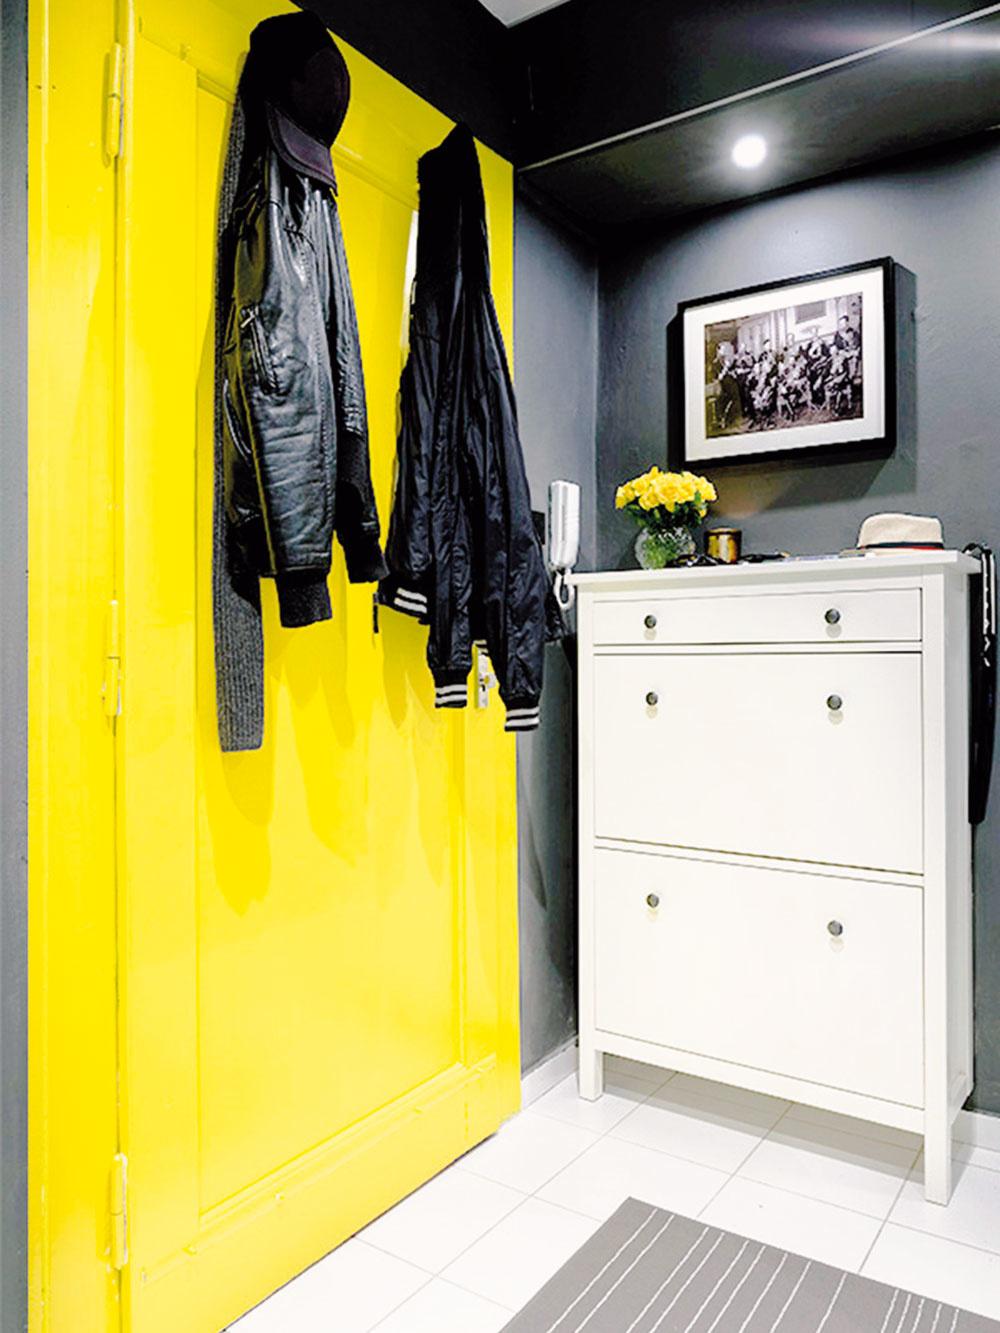 DOMINANTOU SIVEJ CHODBY sú na žlto natreté dvere, ktoré doslova ťahajú zrak. Celý priestor rozsvecujú a dodávajú mu energiu.